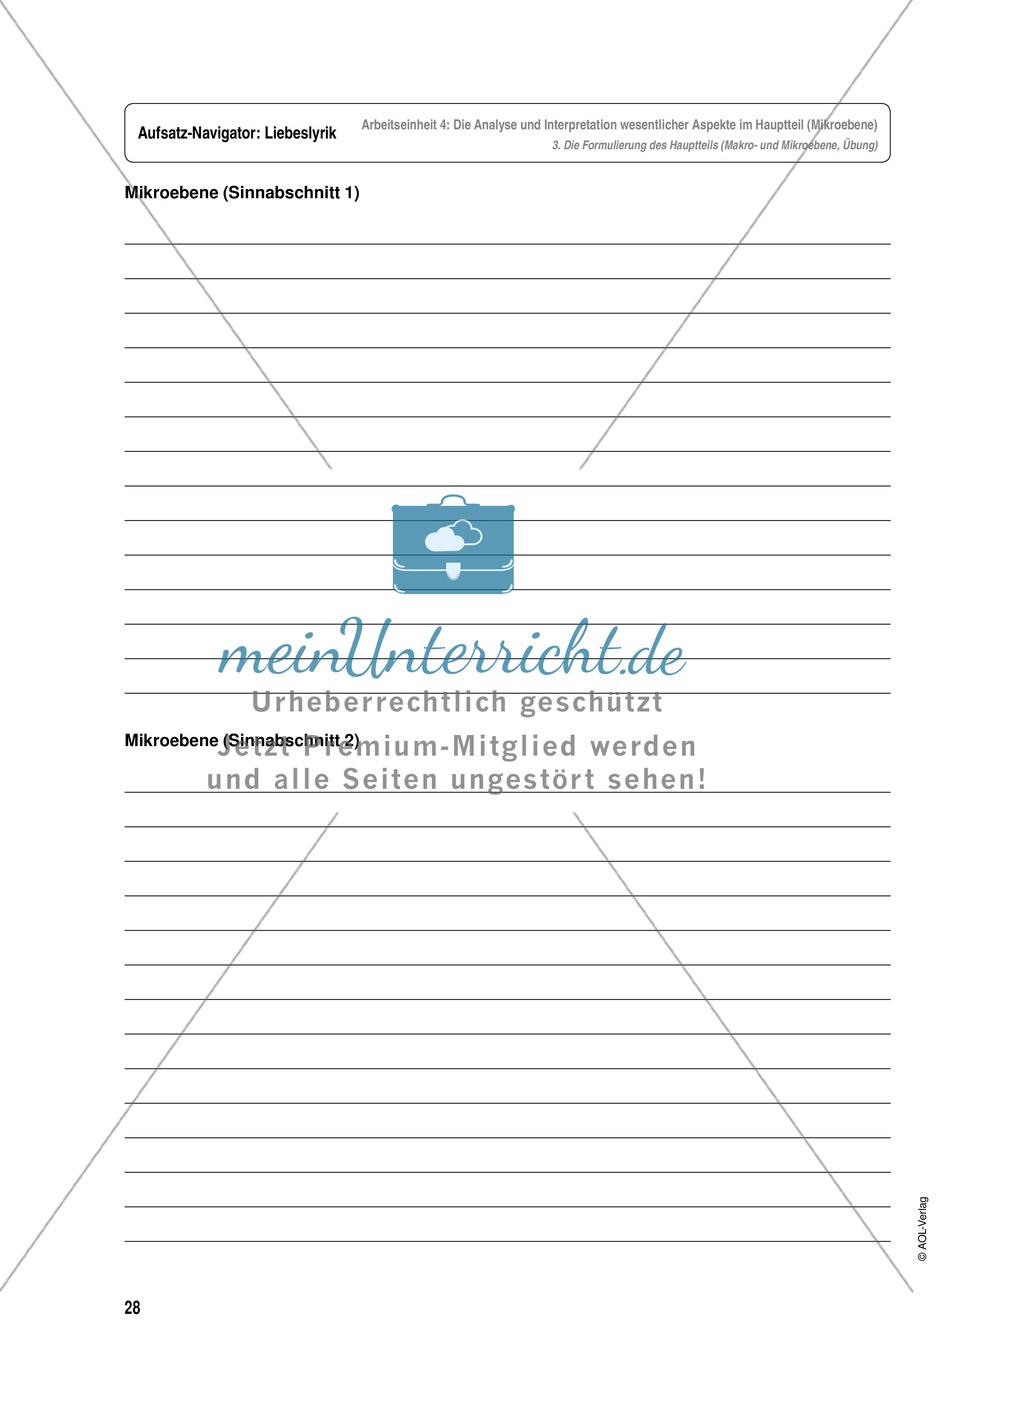 Arbeitseinheit zur Gestaltung einer Analyse / Interpretation von Liebeslyrik - Die Analyse und Interpretation wesentlicher Aspekte im Hauptteil (Mikroebene) Preview 5